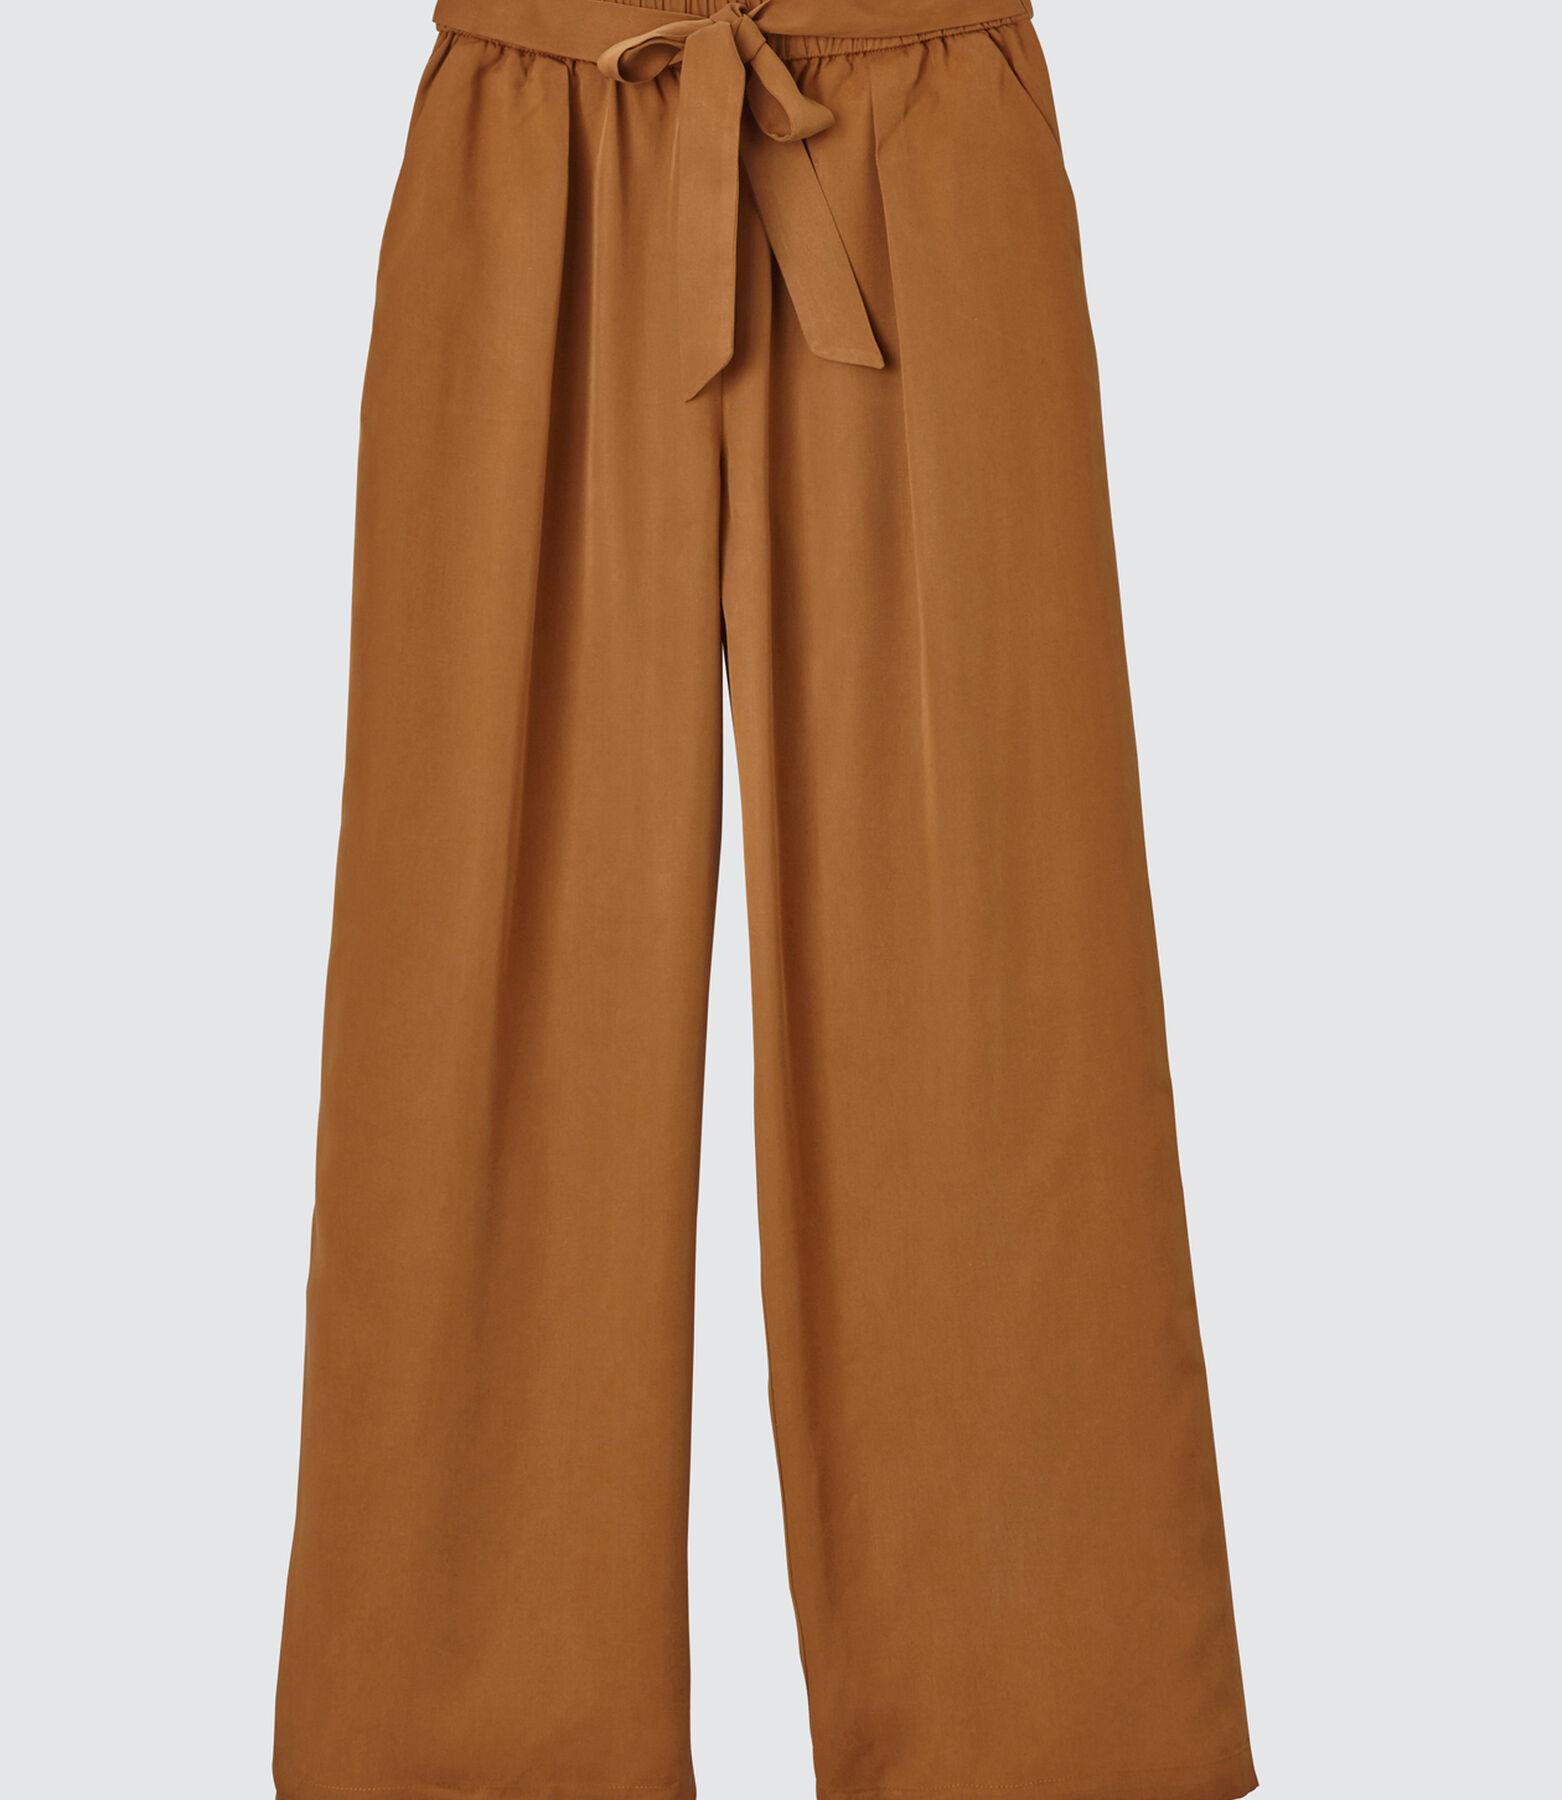 Pantalon large cropped uni taille élastique